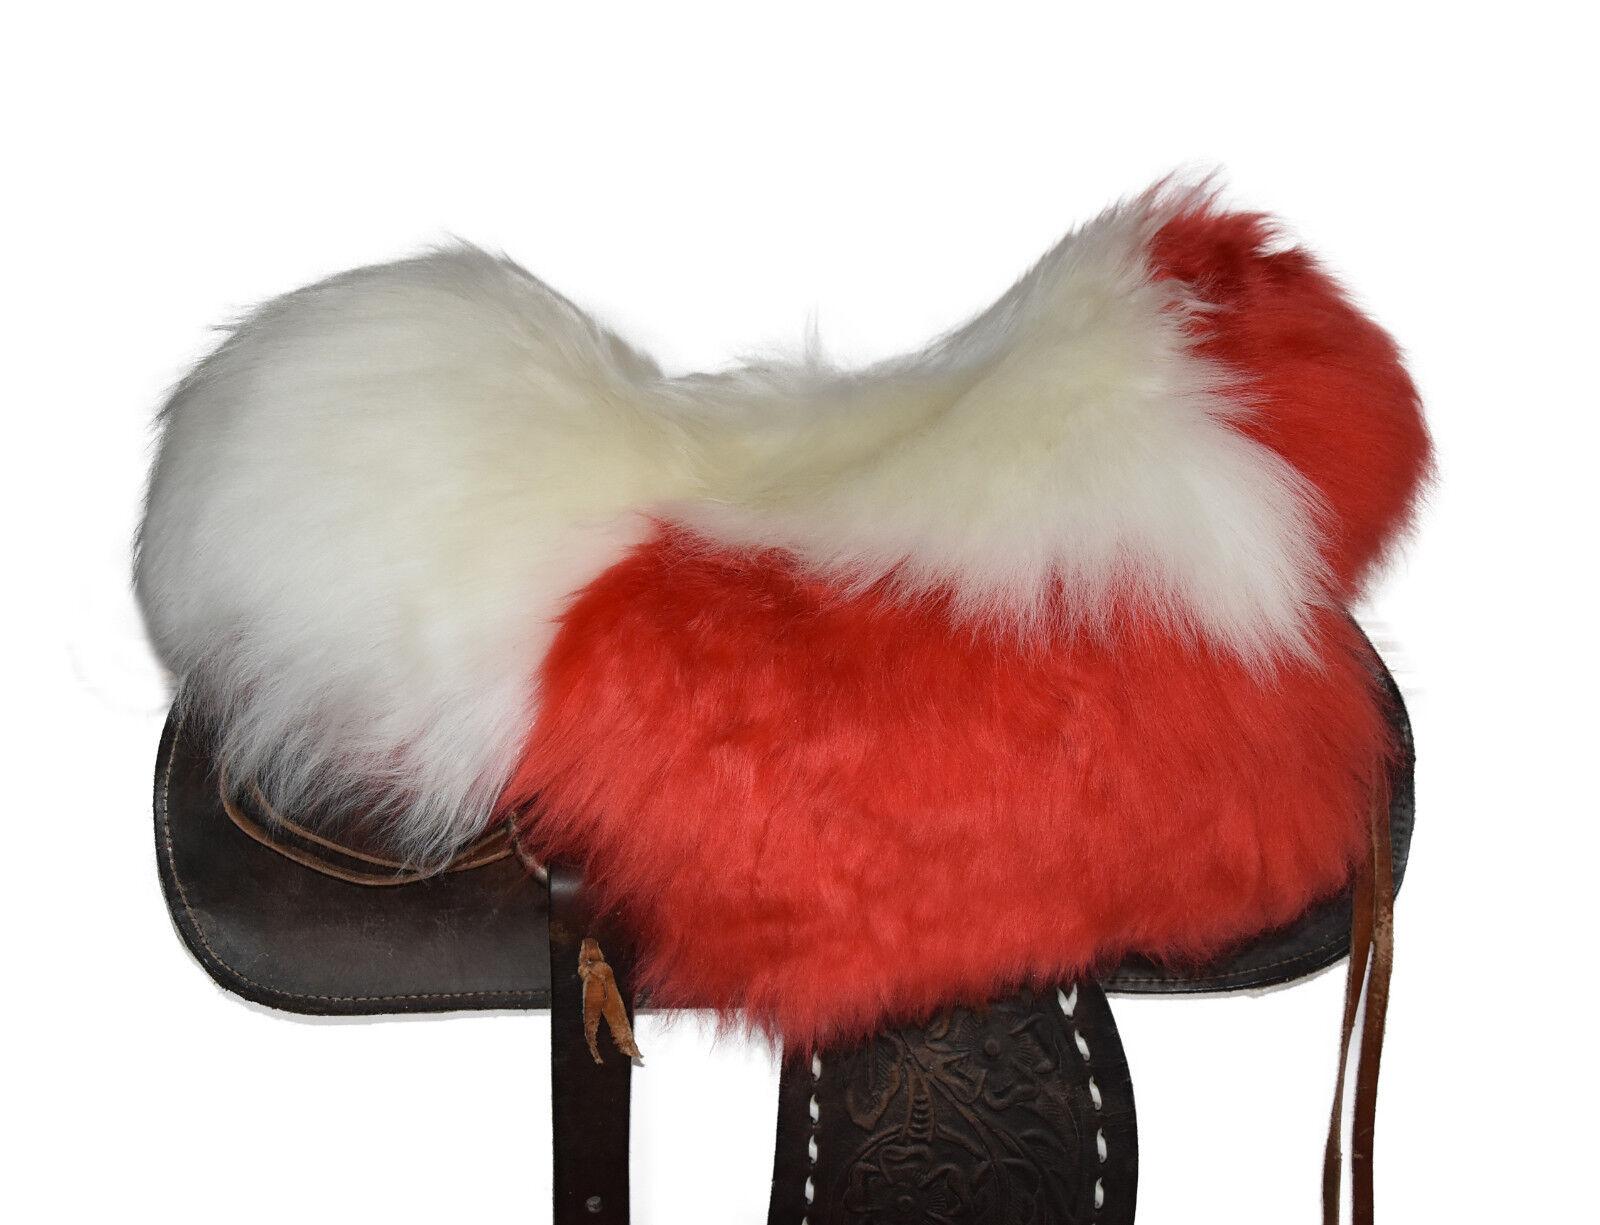 Agnello SELLA EDIZIONE Western Sella Lammfell riferimento saddle pad SEAT saver s353